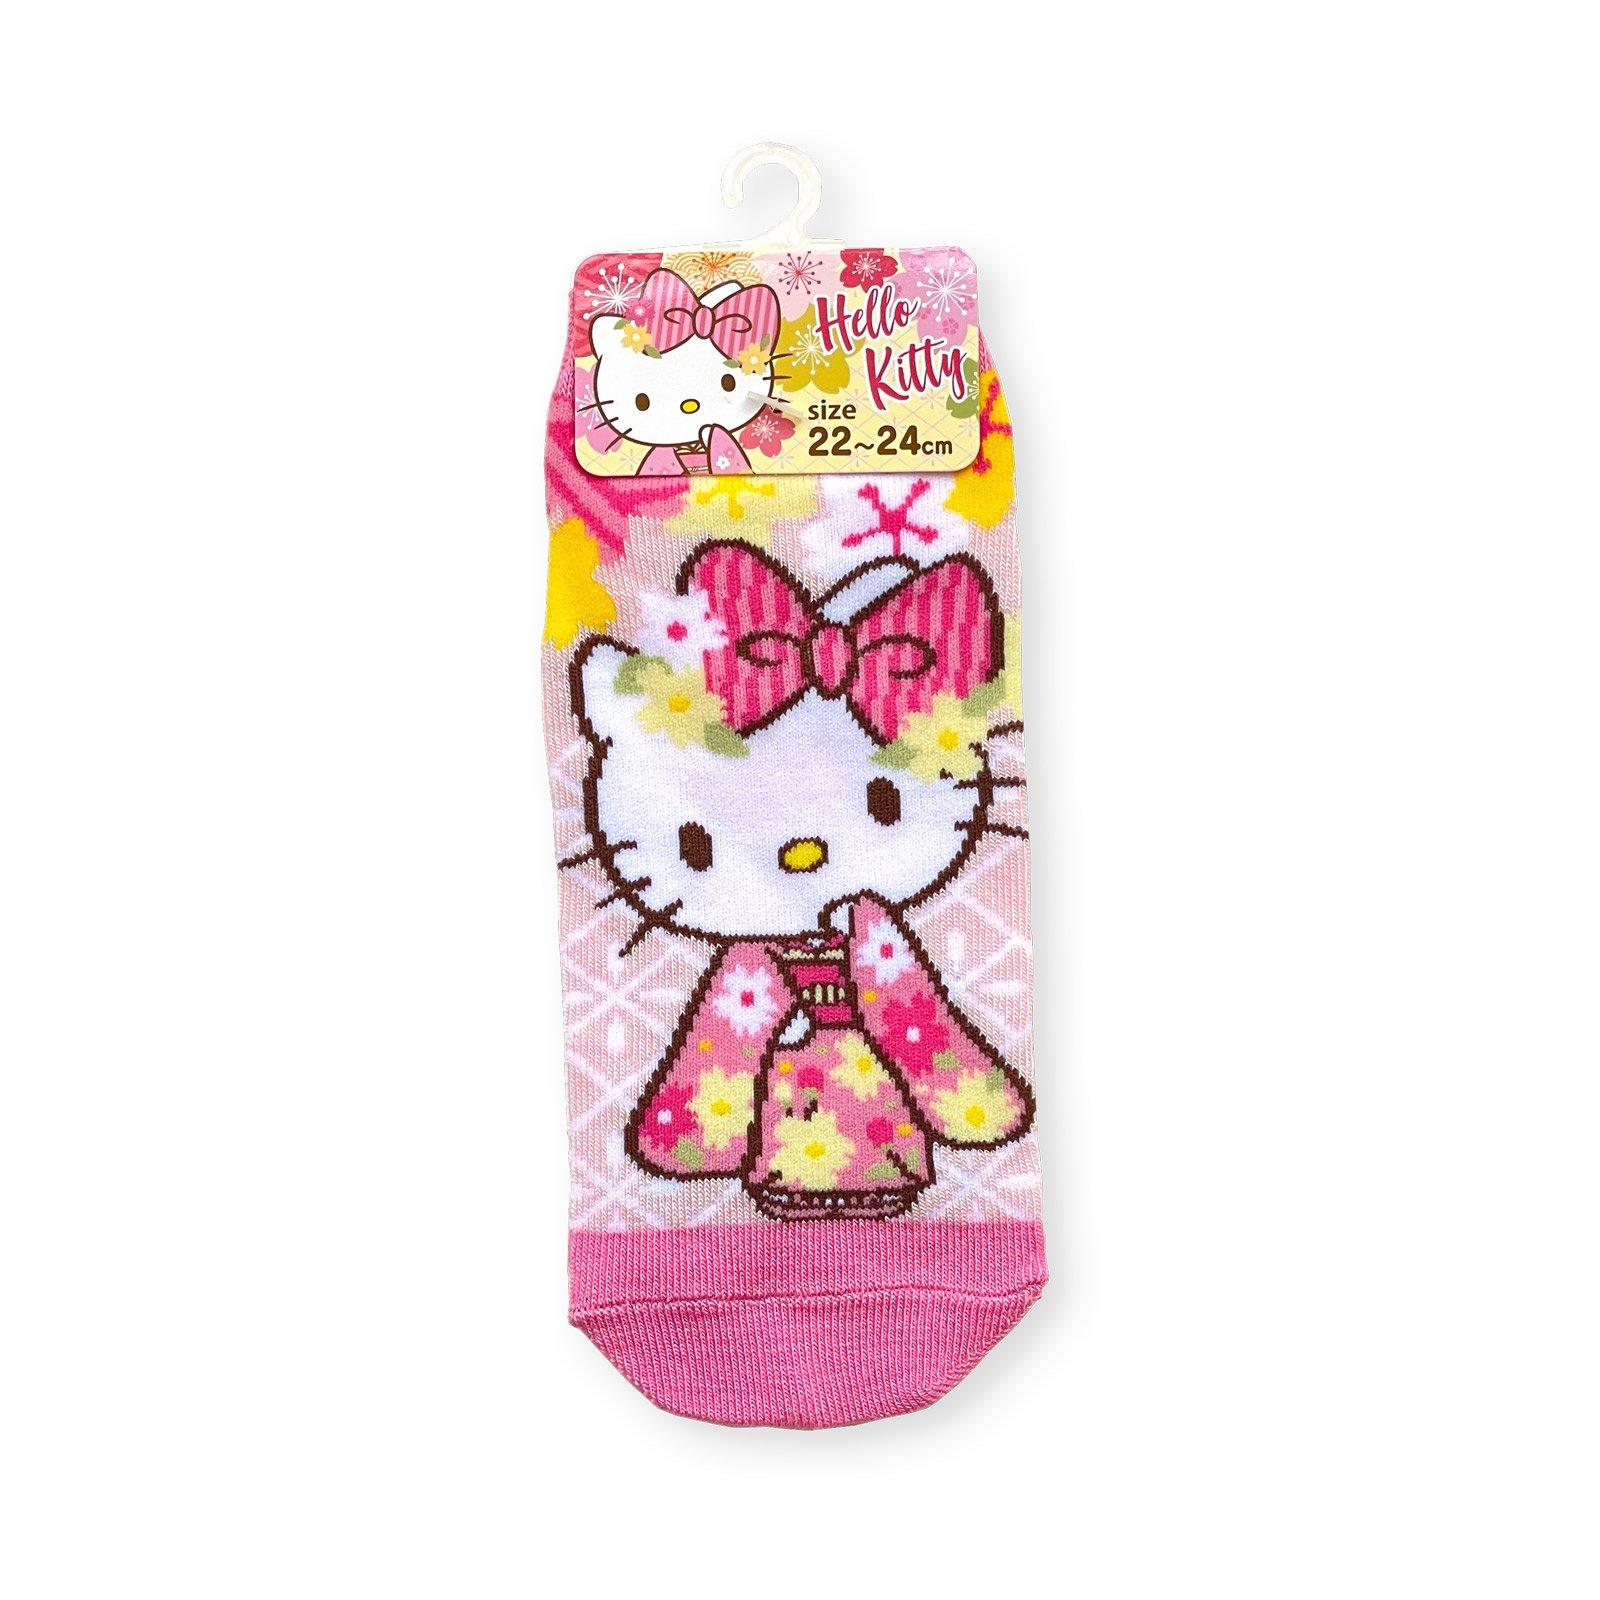 ハローキティ和桜靴下・ピンク